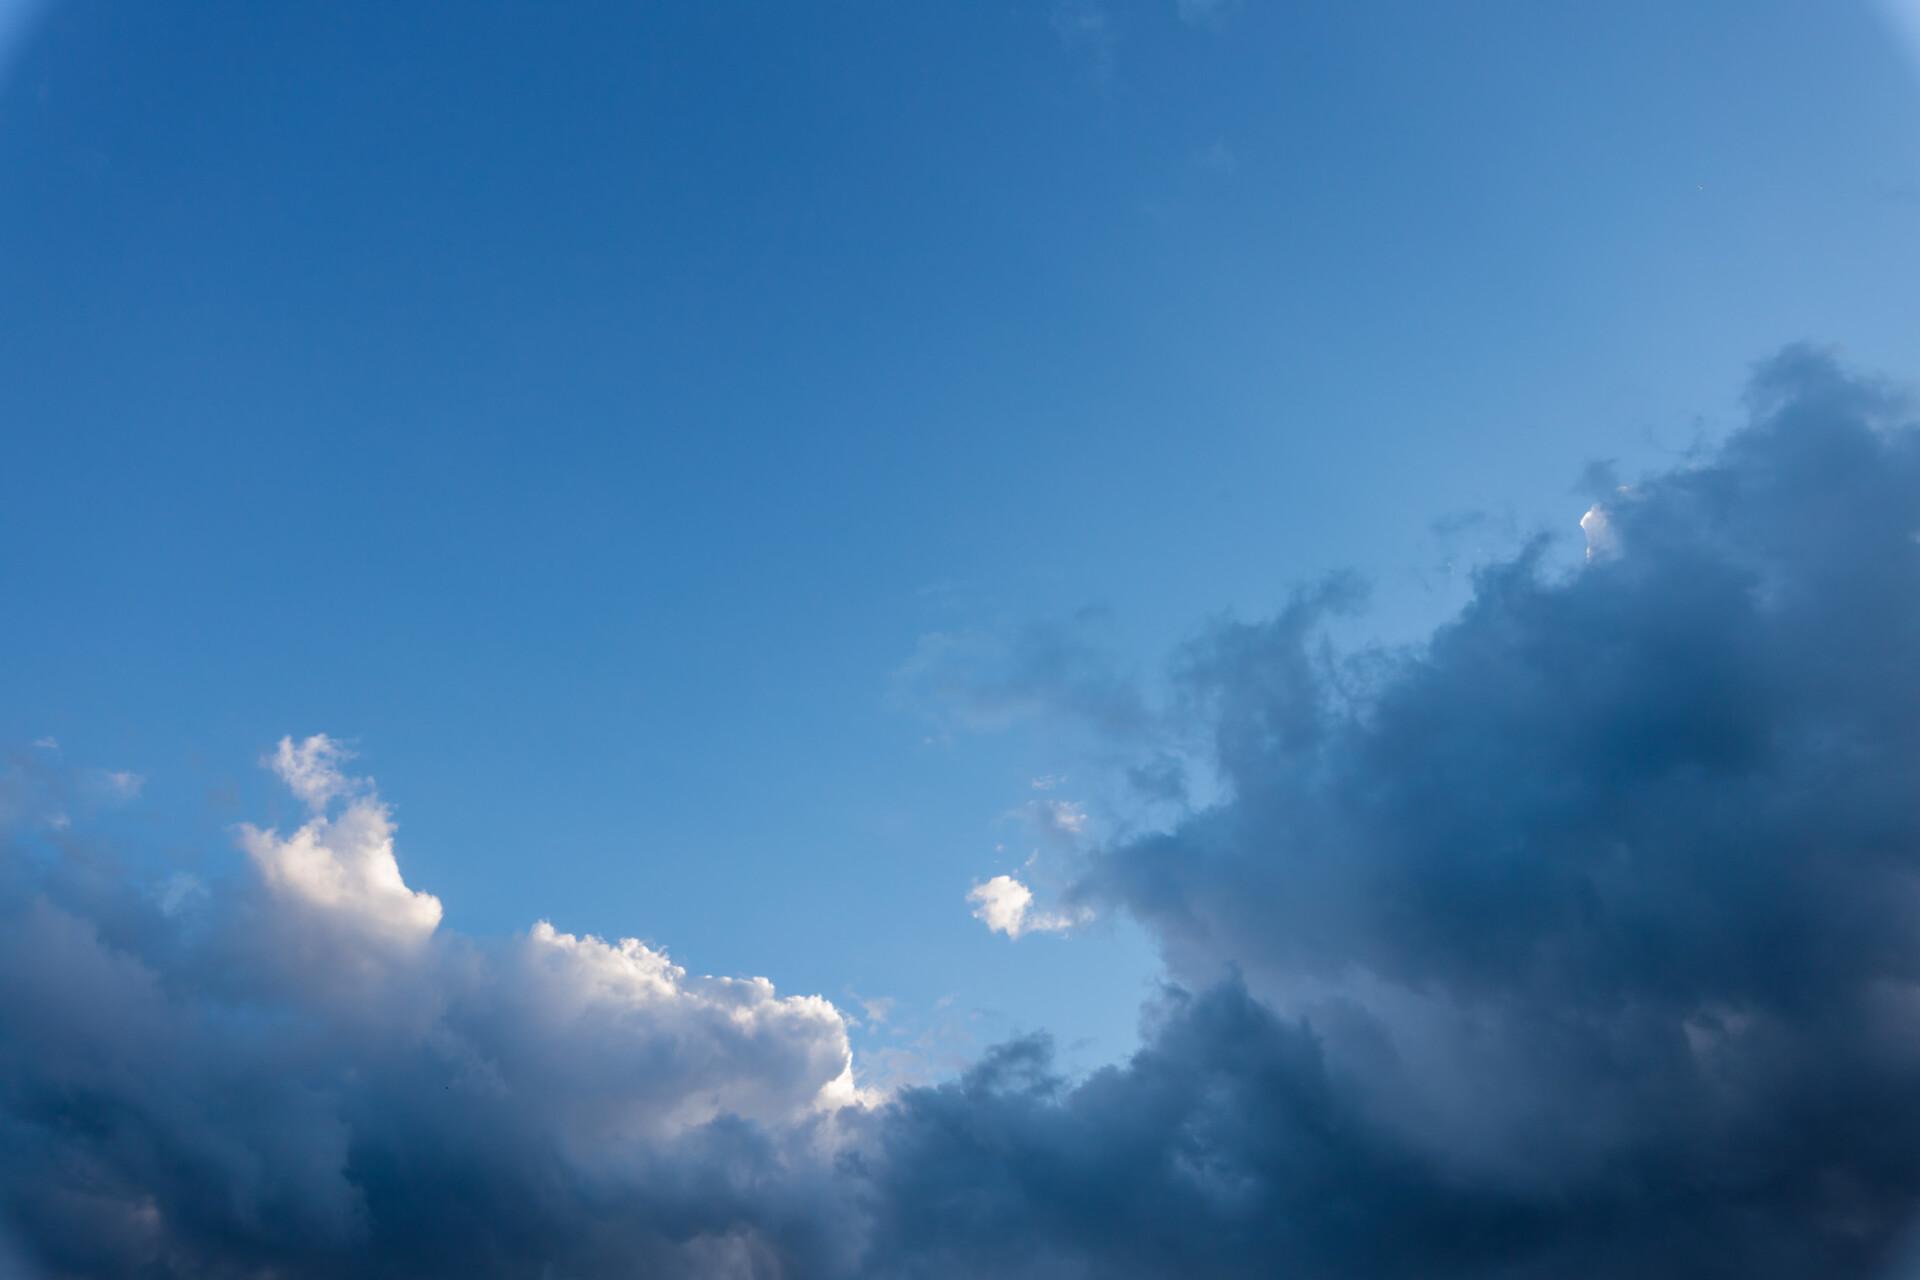 Rain Clouds Draw In